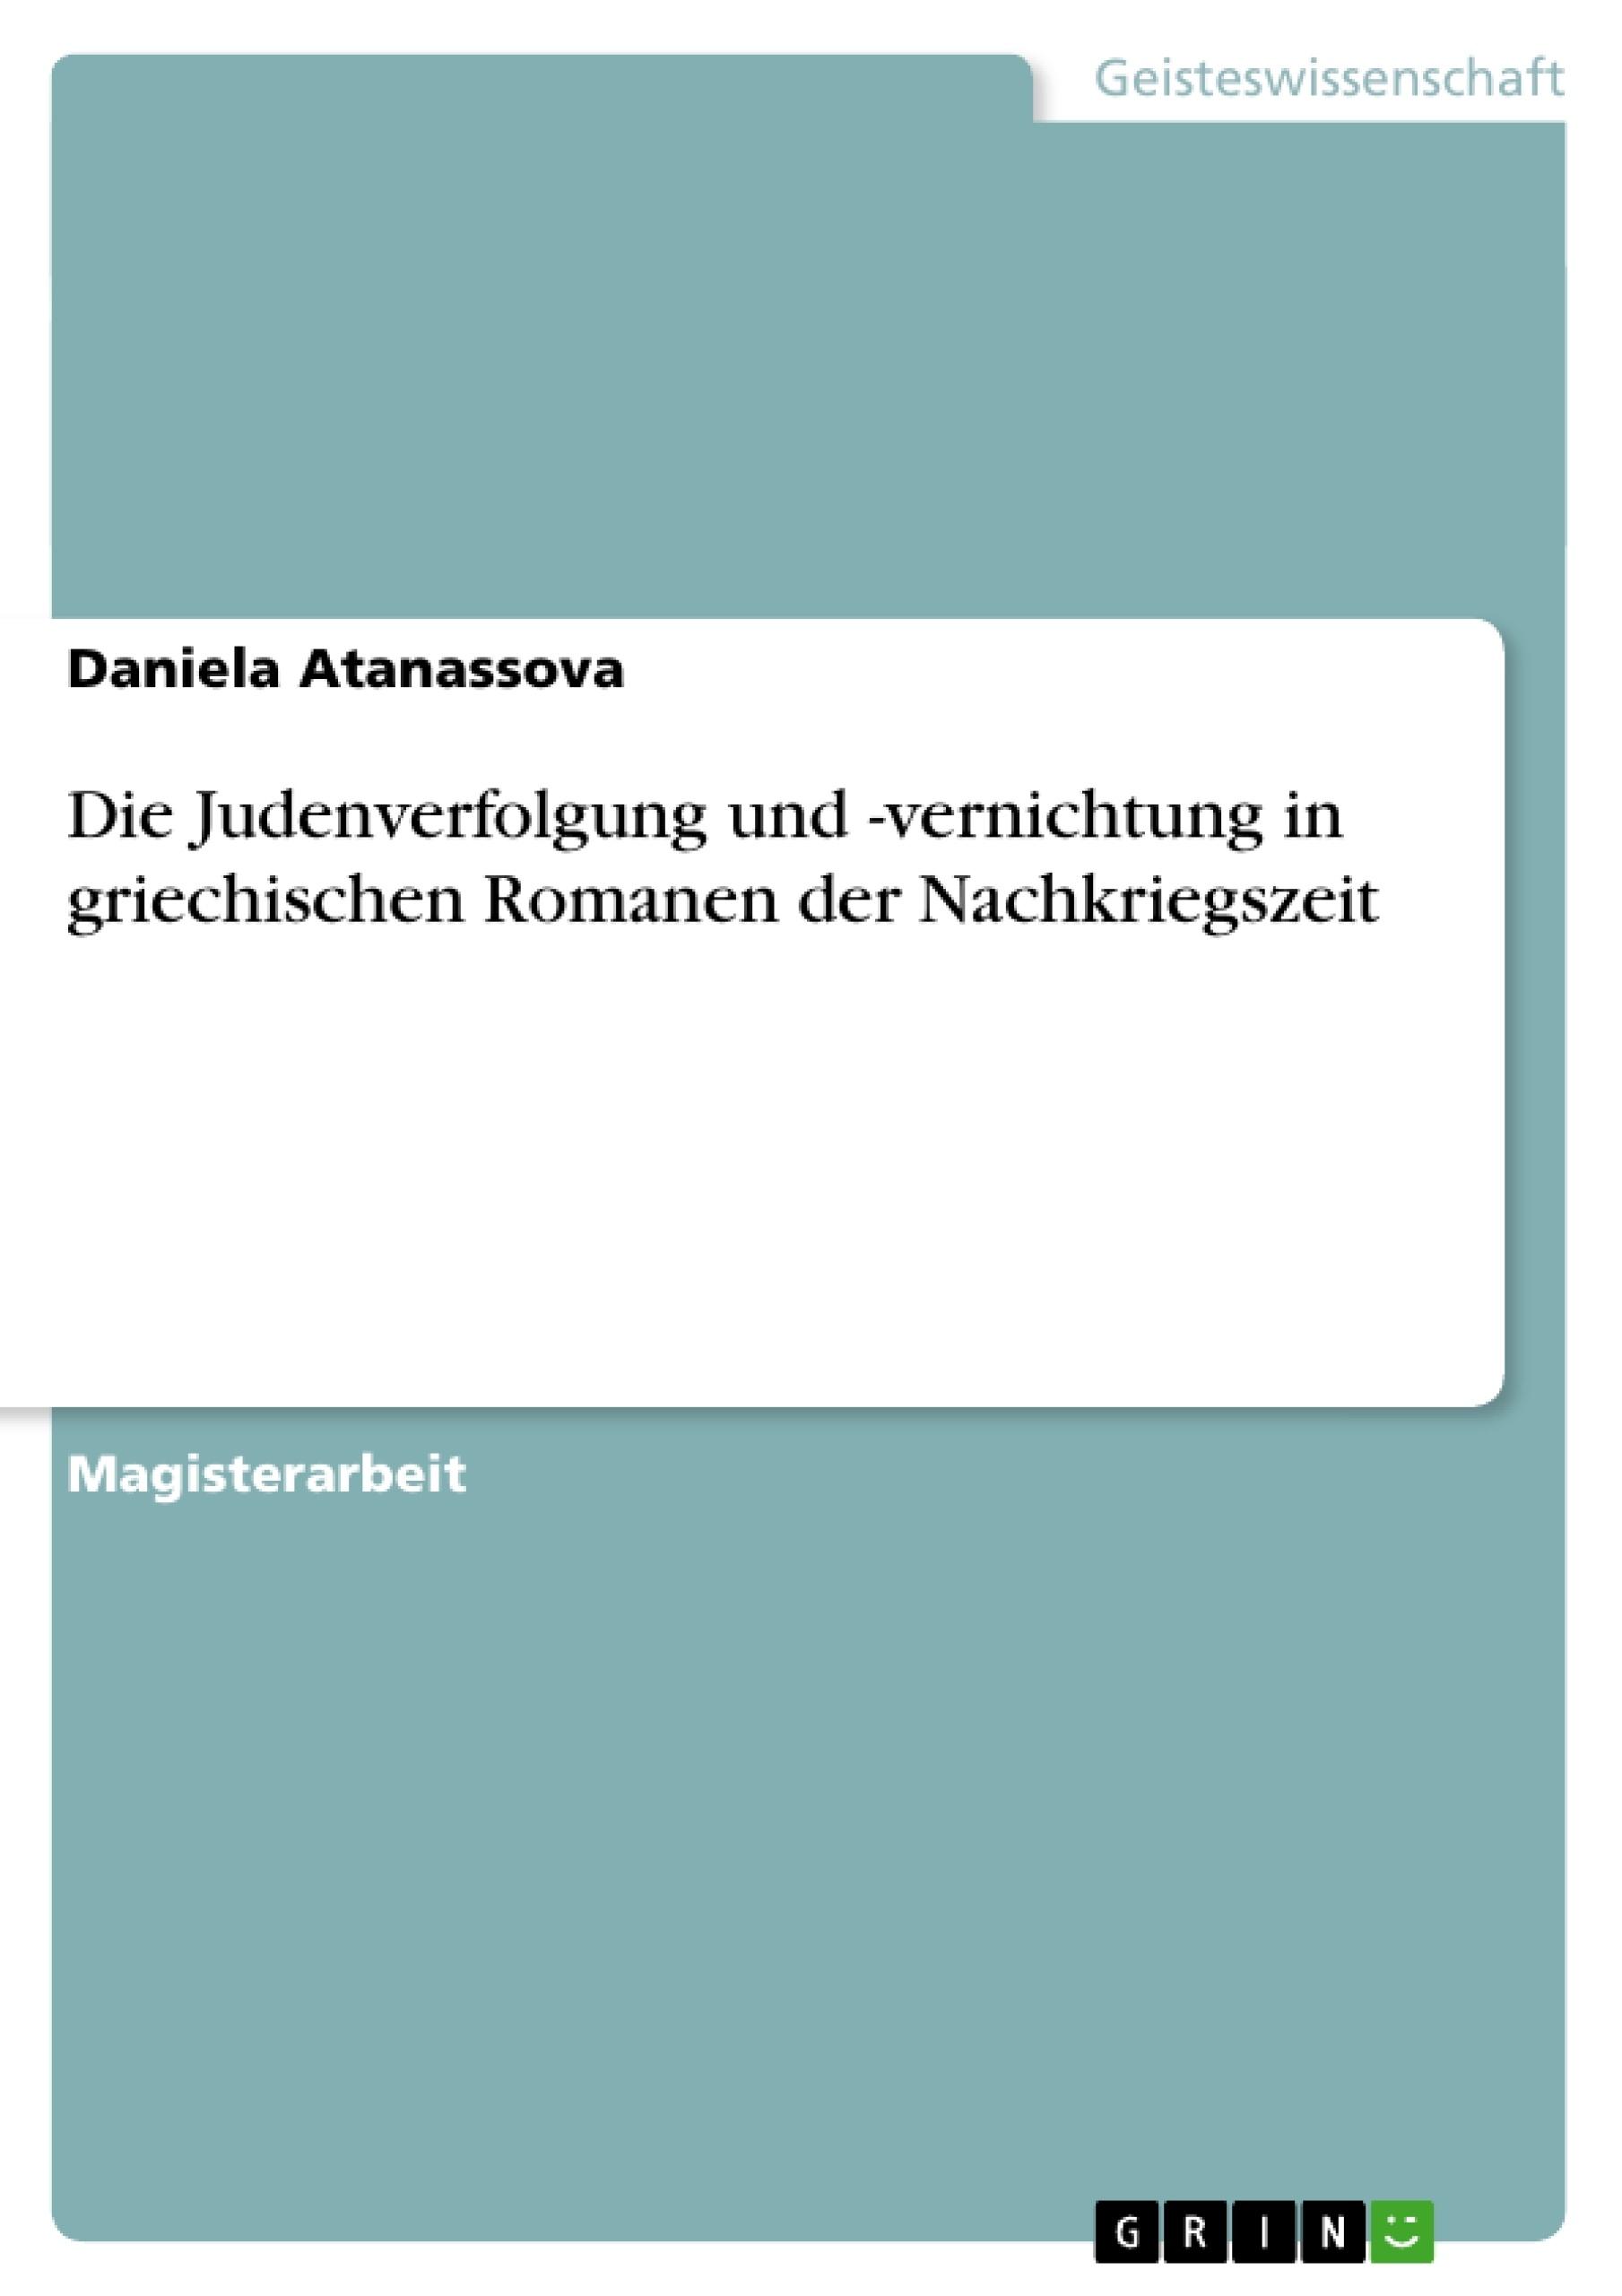 Titel: Die Judenverfolgung und -vernichtung in griechischen Romanen der Nachkriegszeit